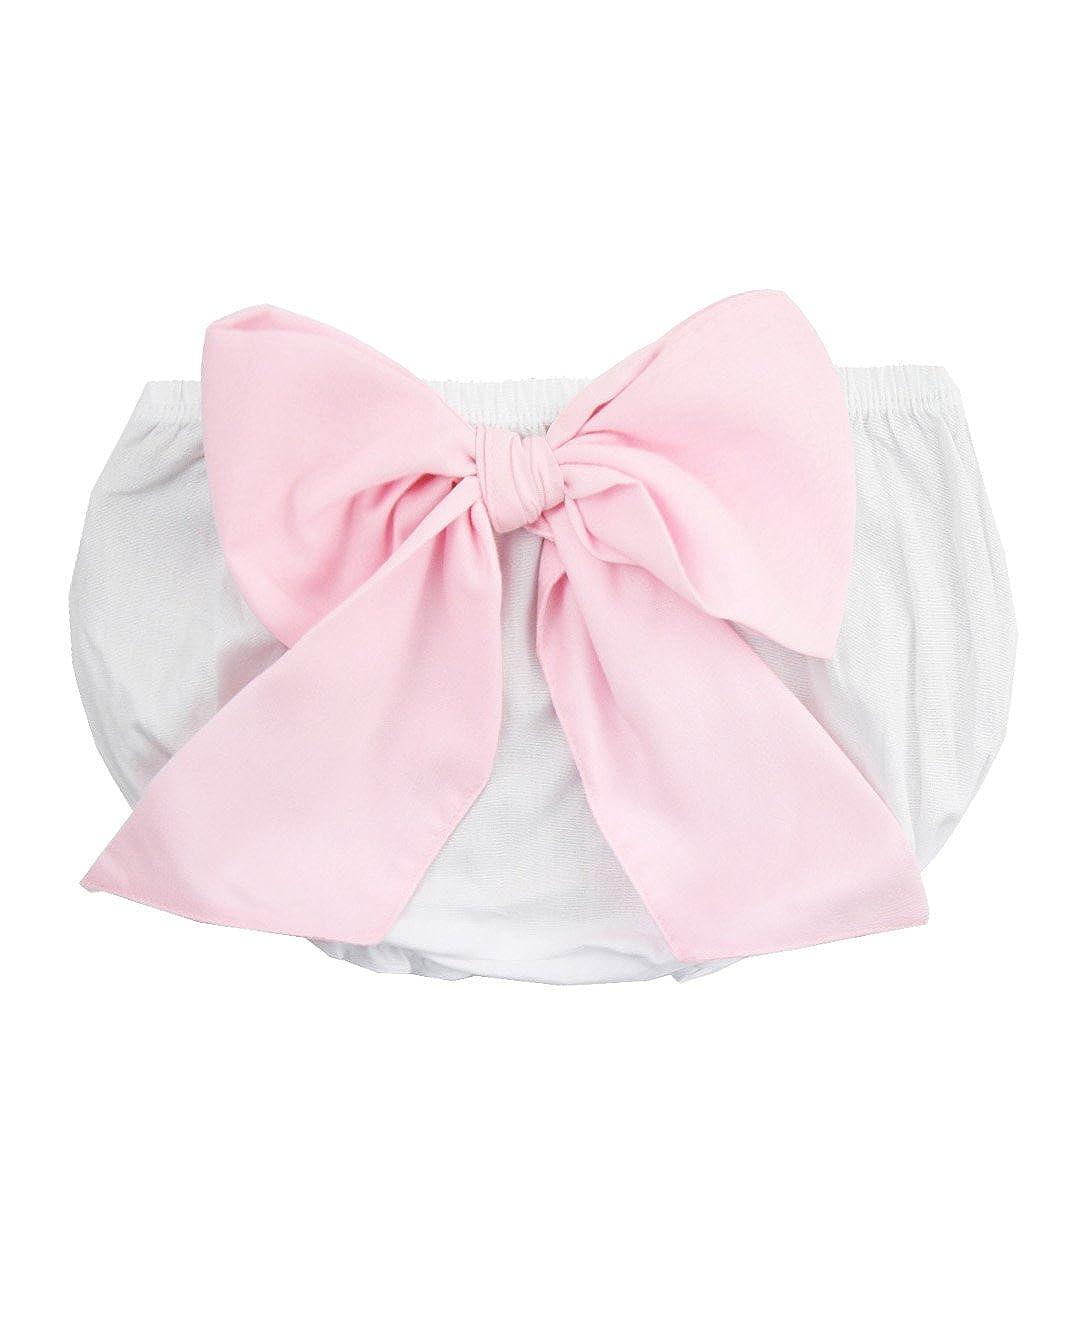 出産祝い RuffleButts Months Infant 12/Toddler Girlsホワイトbow-back Bloomer 12 - 18 Months - ホワイト B01C6FZDIK, 紳士服のマルキン井上商店:b2743d7a --- ciadaterra.com